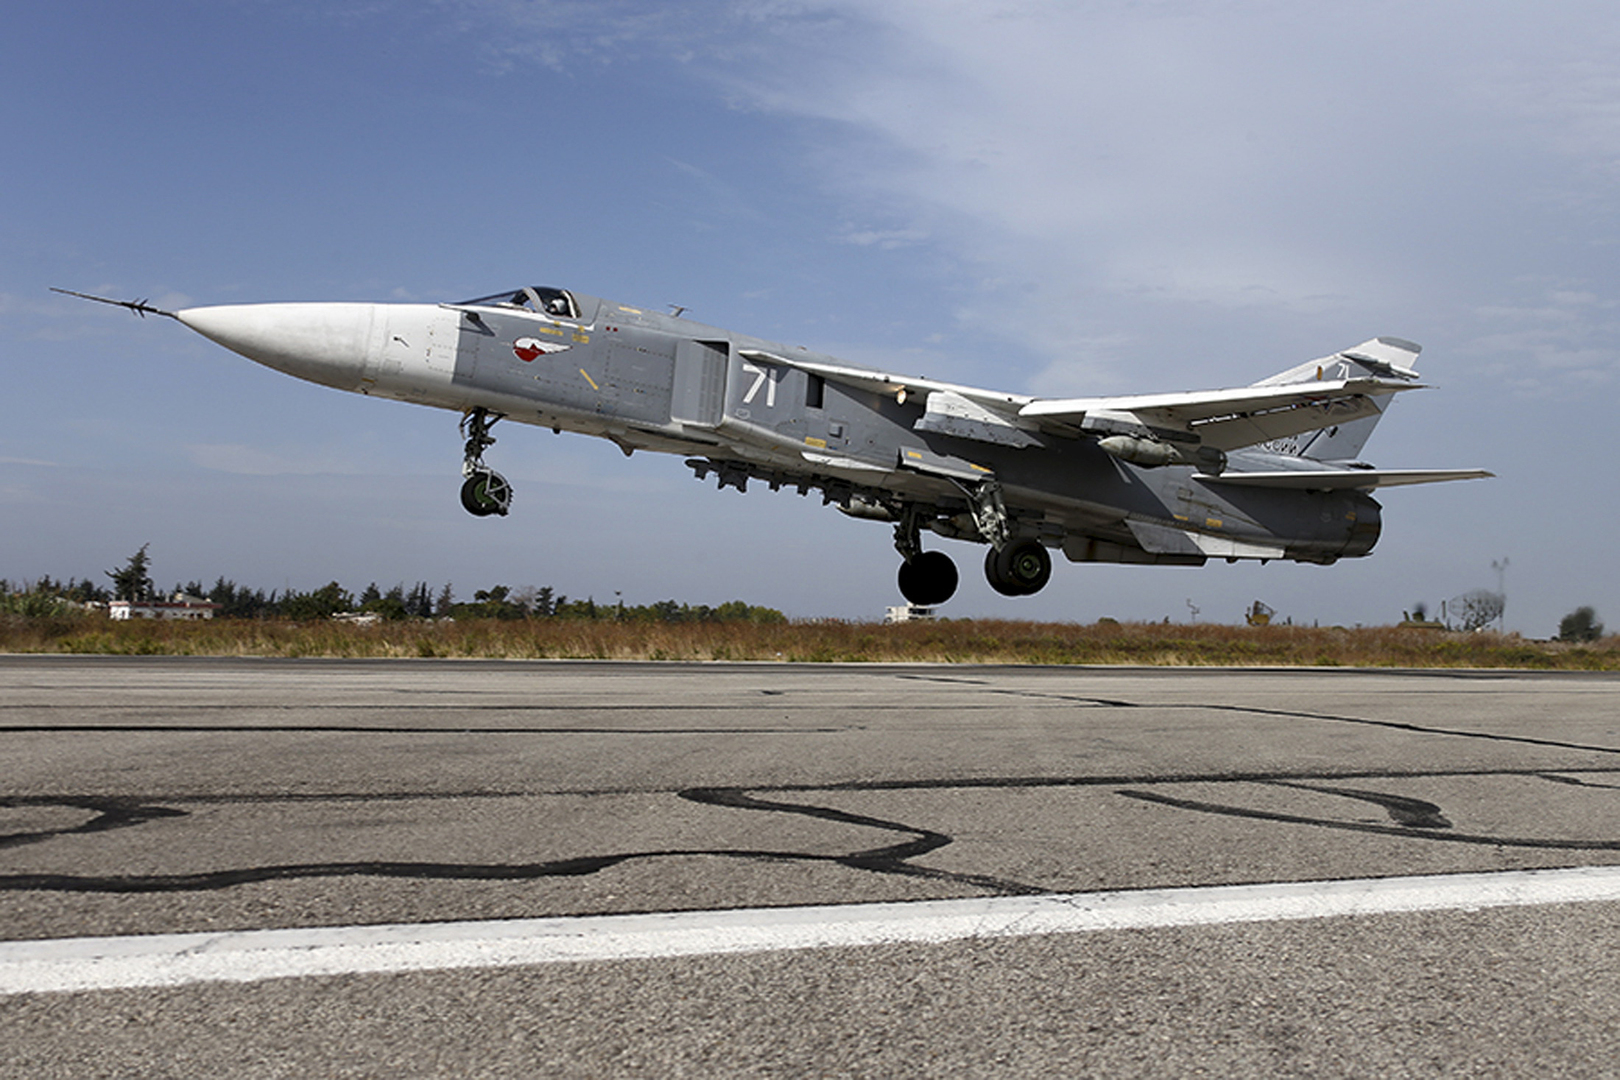 عملية عسكرية سورية-روسية مشتركة ضد التنظيمات المتطرفة تسفر عن مقتل 327 مسلحا